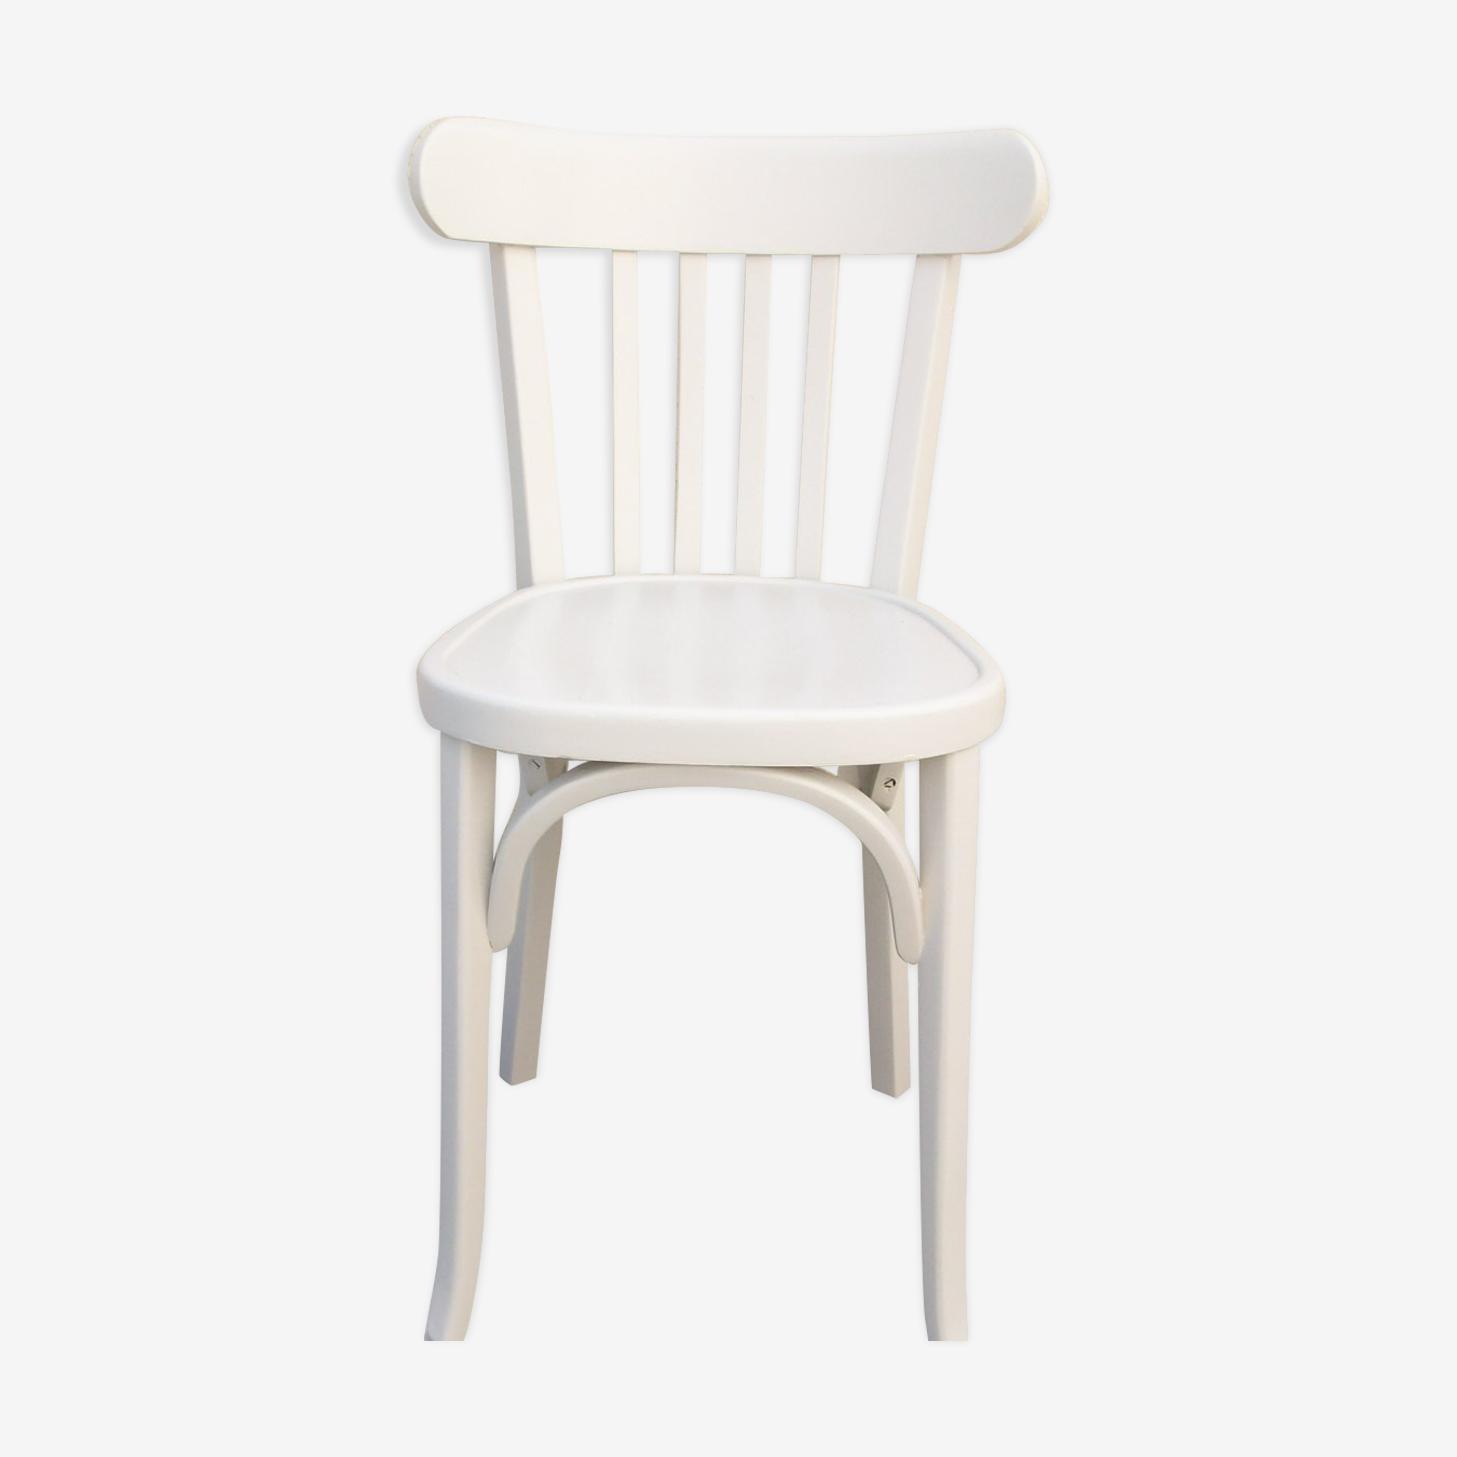 Baumann chair